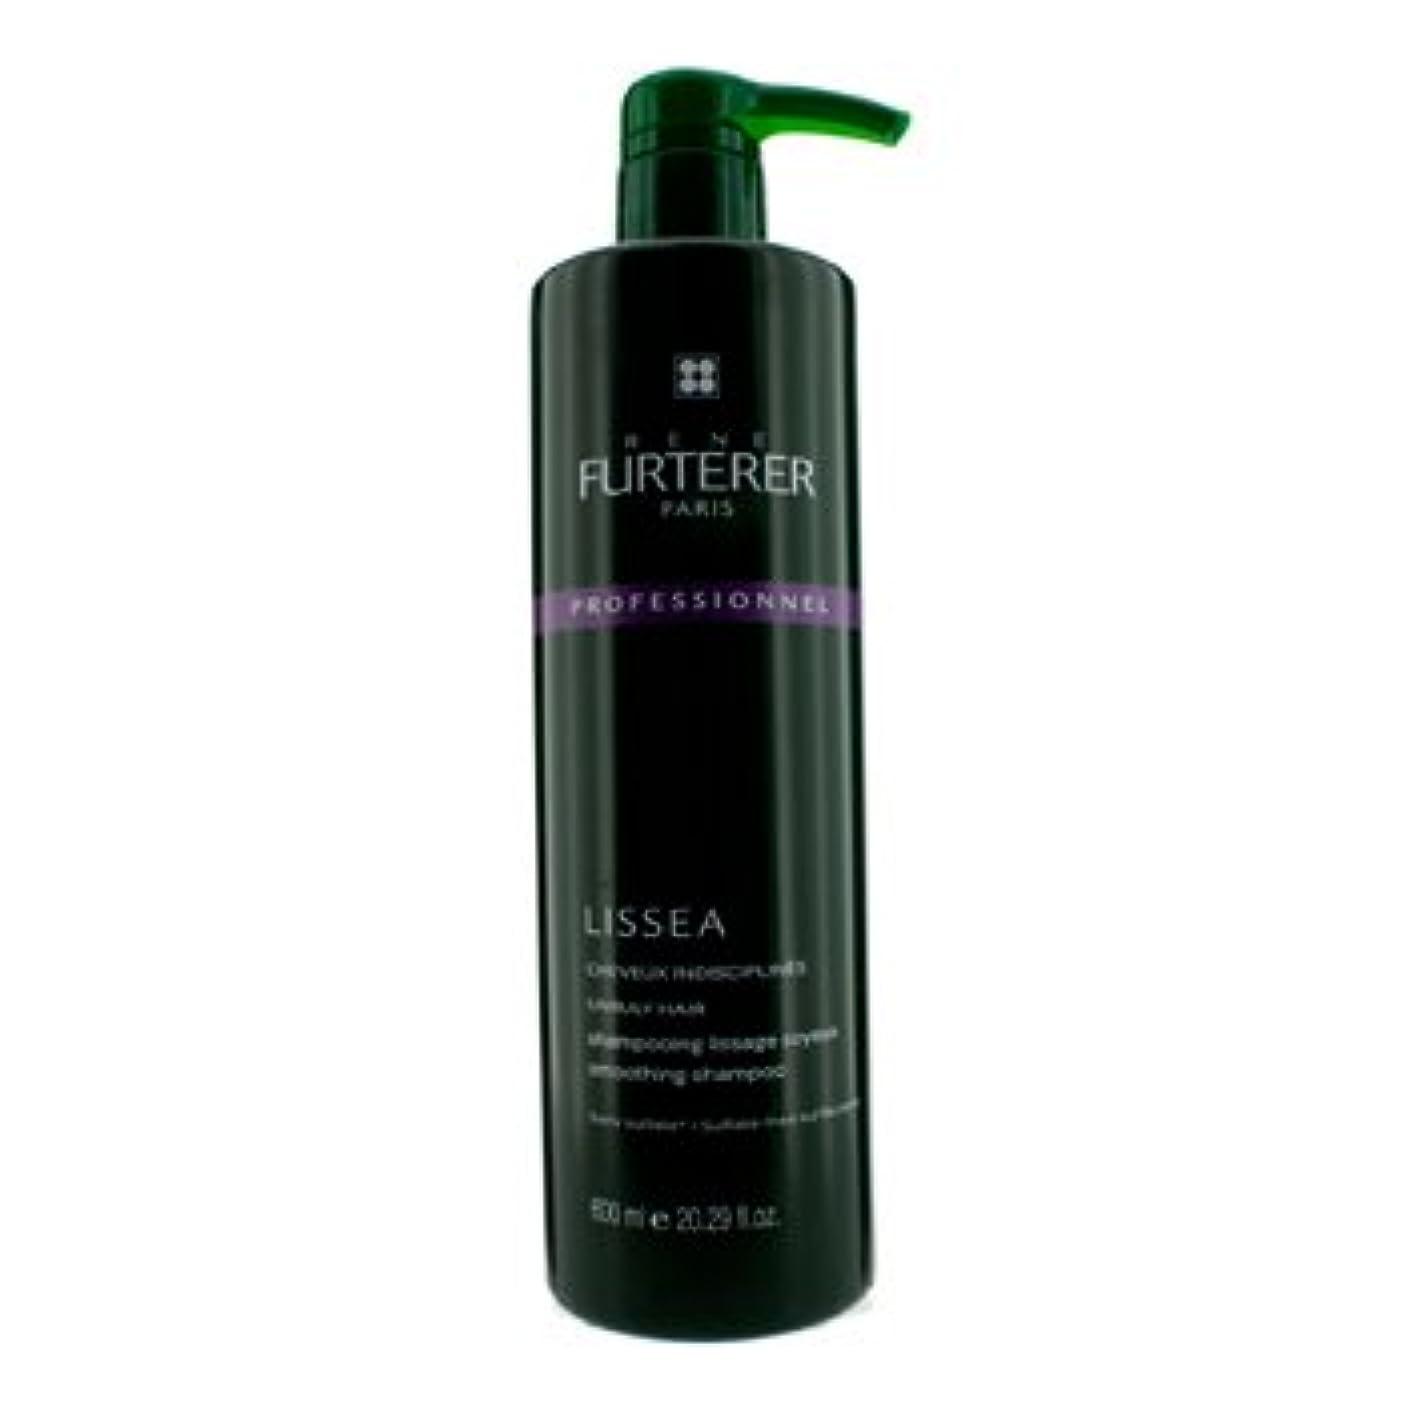 服急速なアダルト[Rene Furterer] Lissea Smoothing Shampoo - For Unruly Hair (Salon Product) 600ml/20.29oz